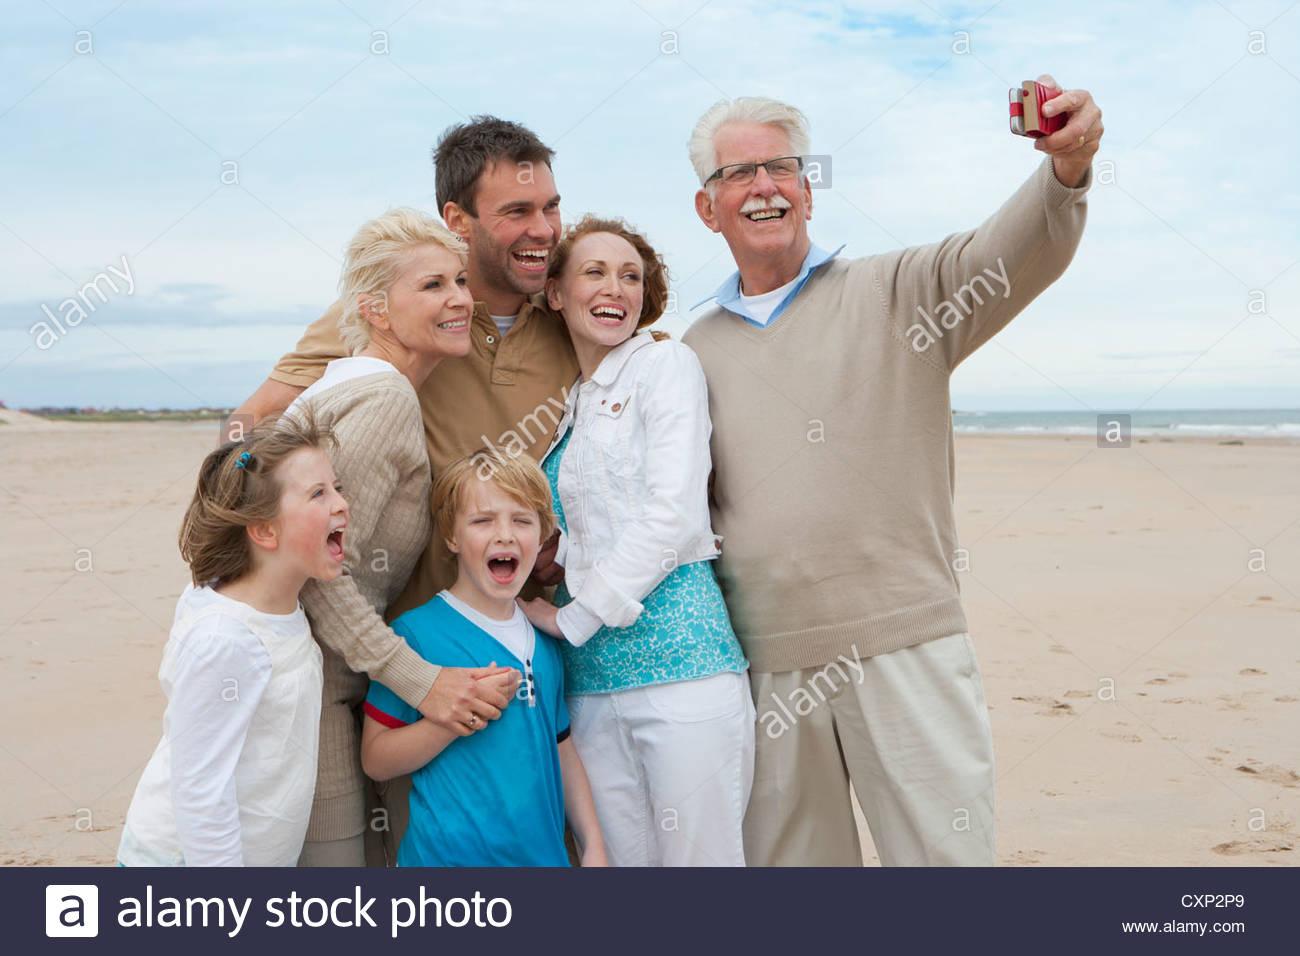 Toma de fotografía de generación múltiple familia en vacaciones en la playa Imagen De Stock